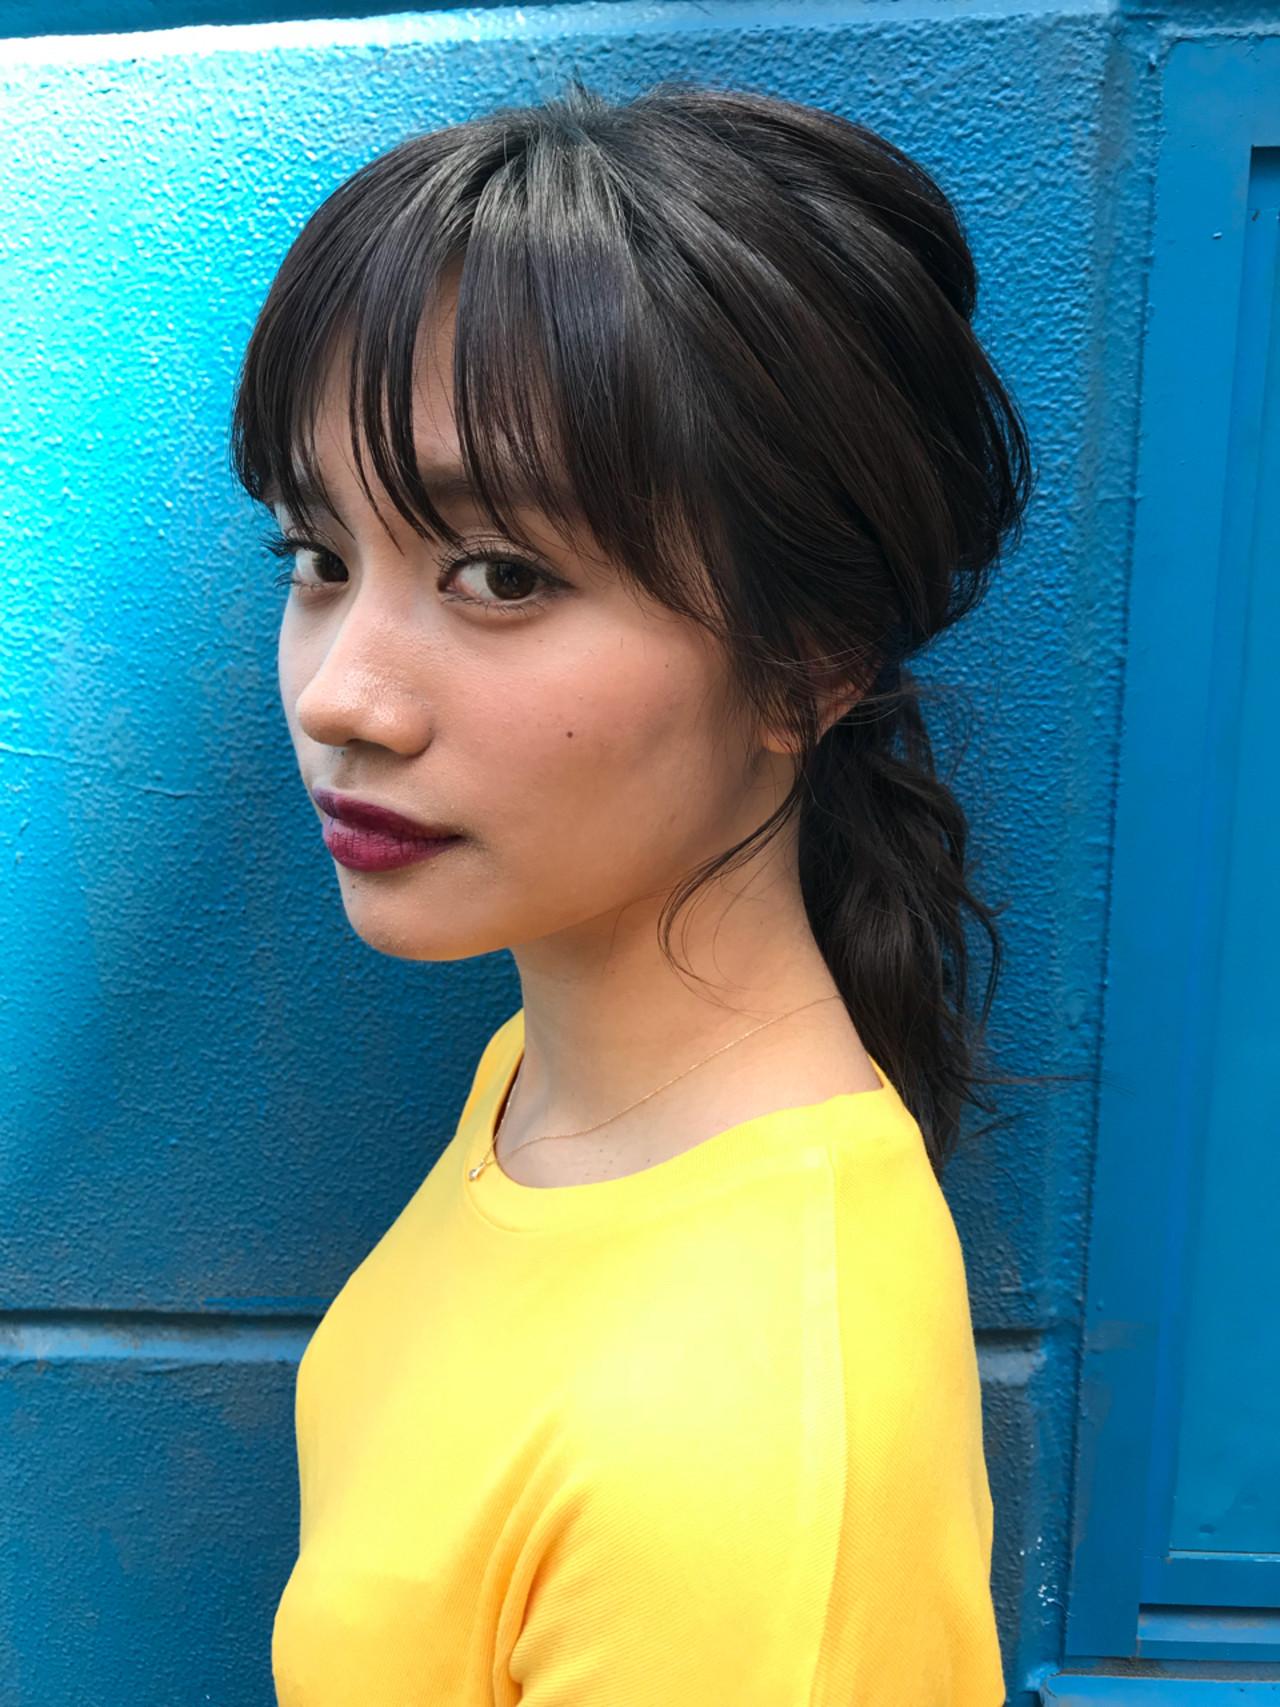 ポニーテール ヘアアレンジ ローポニーテール セミロング ヘアスタイルや髪型の写真・画像